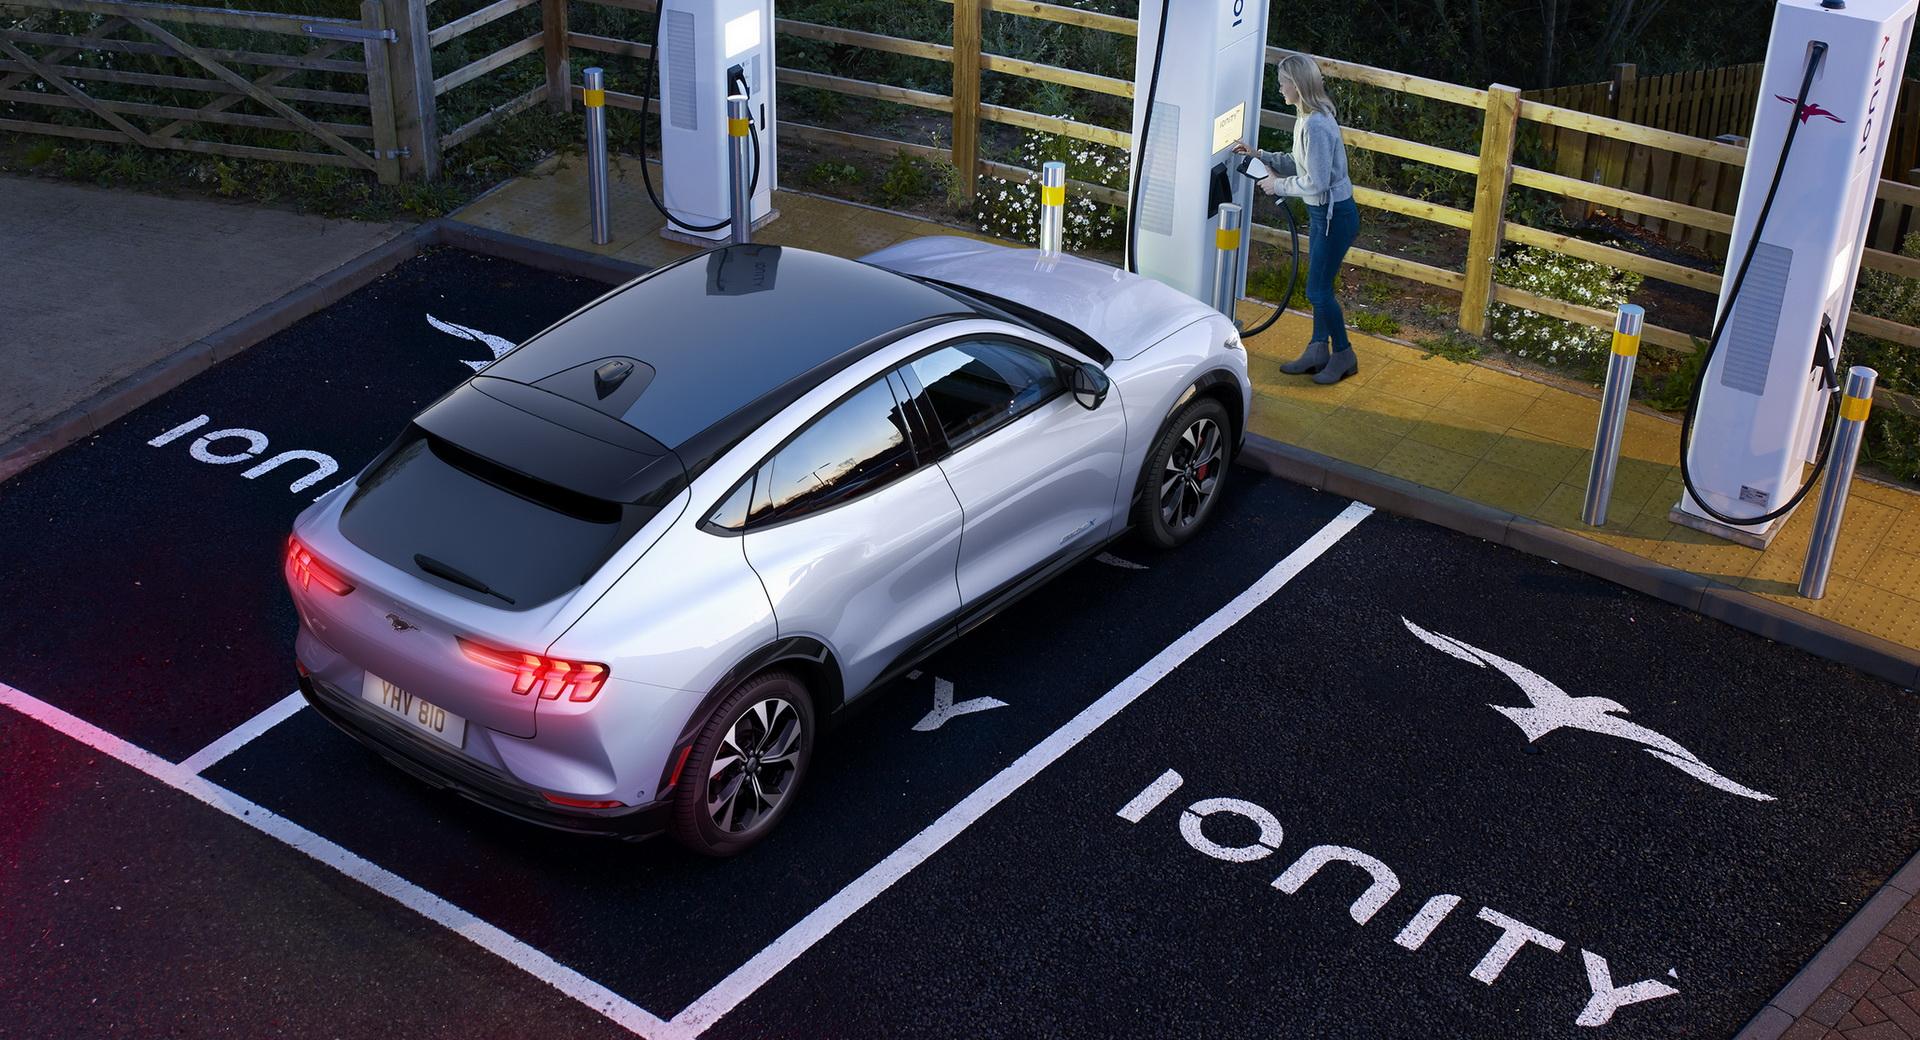 Ford sẽ trở thành thương hiệu xe điện hoàn toàn vào năm 2030